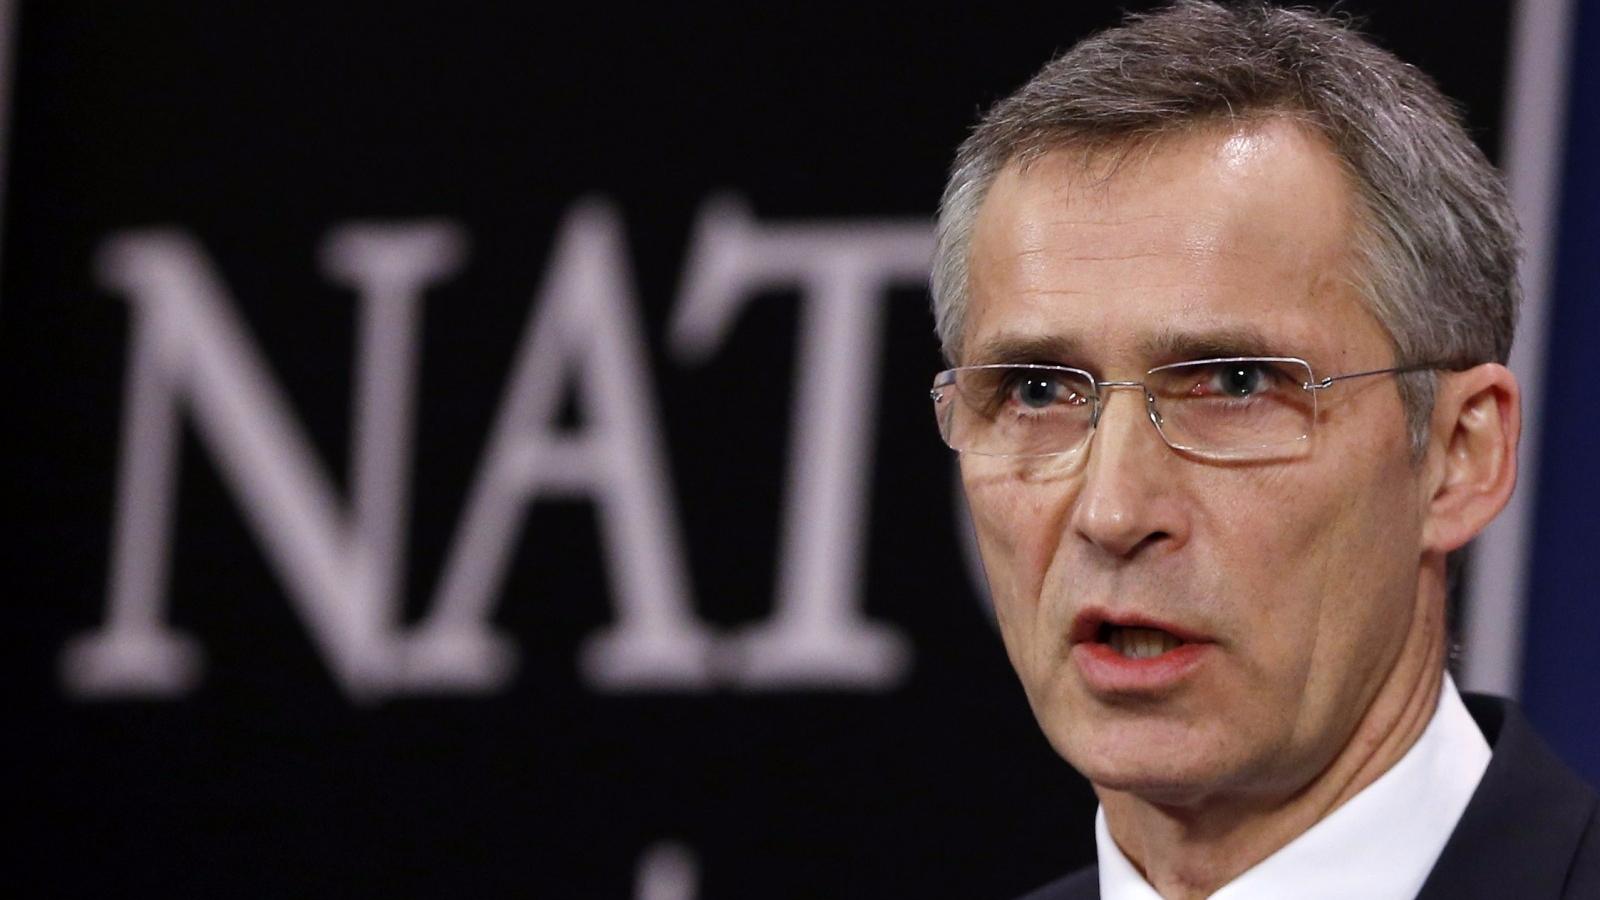 NATO Summit on terrorism